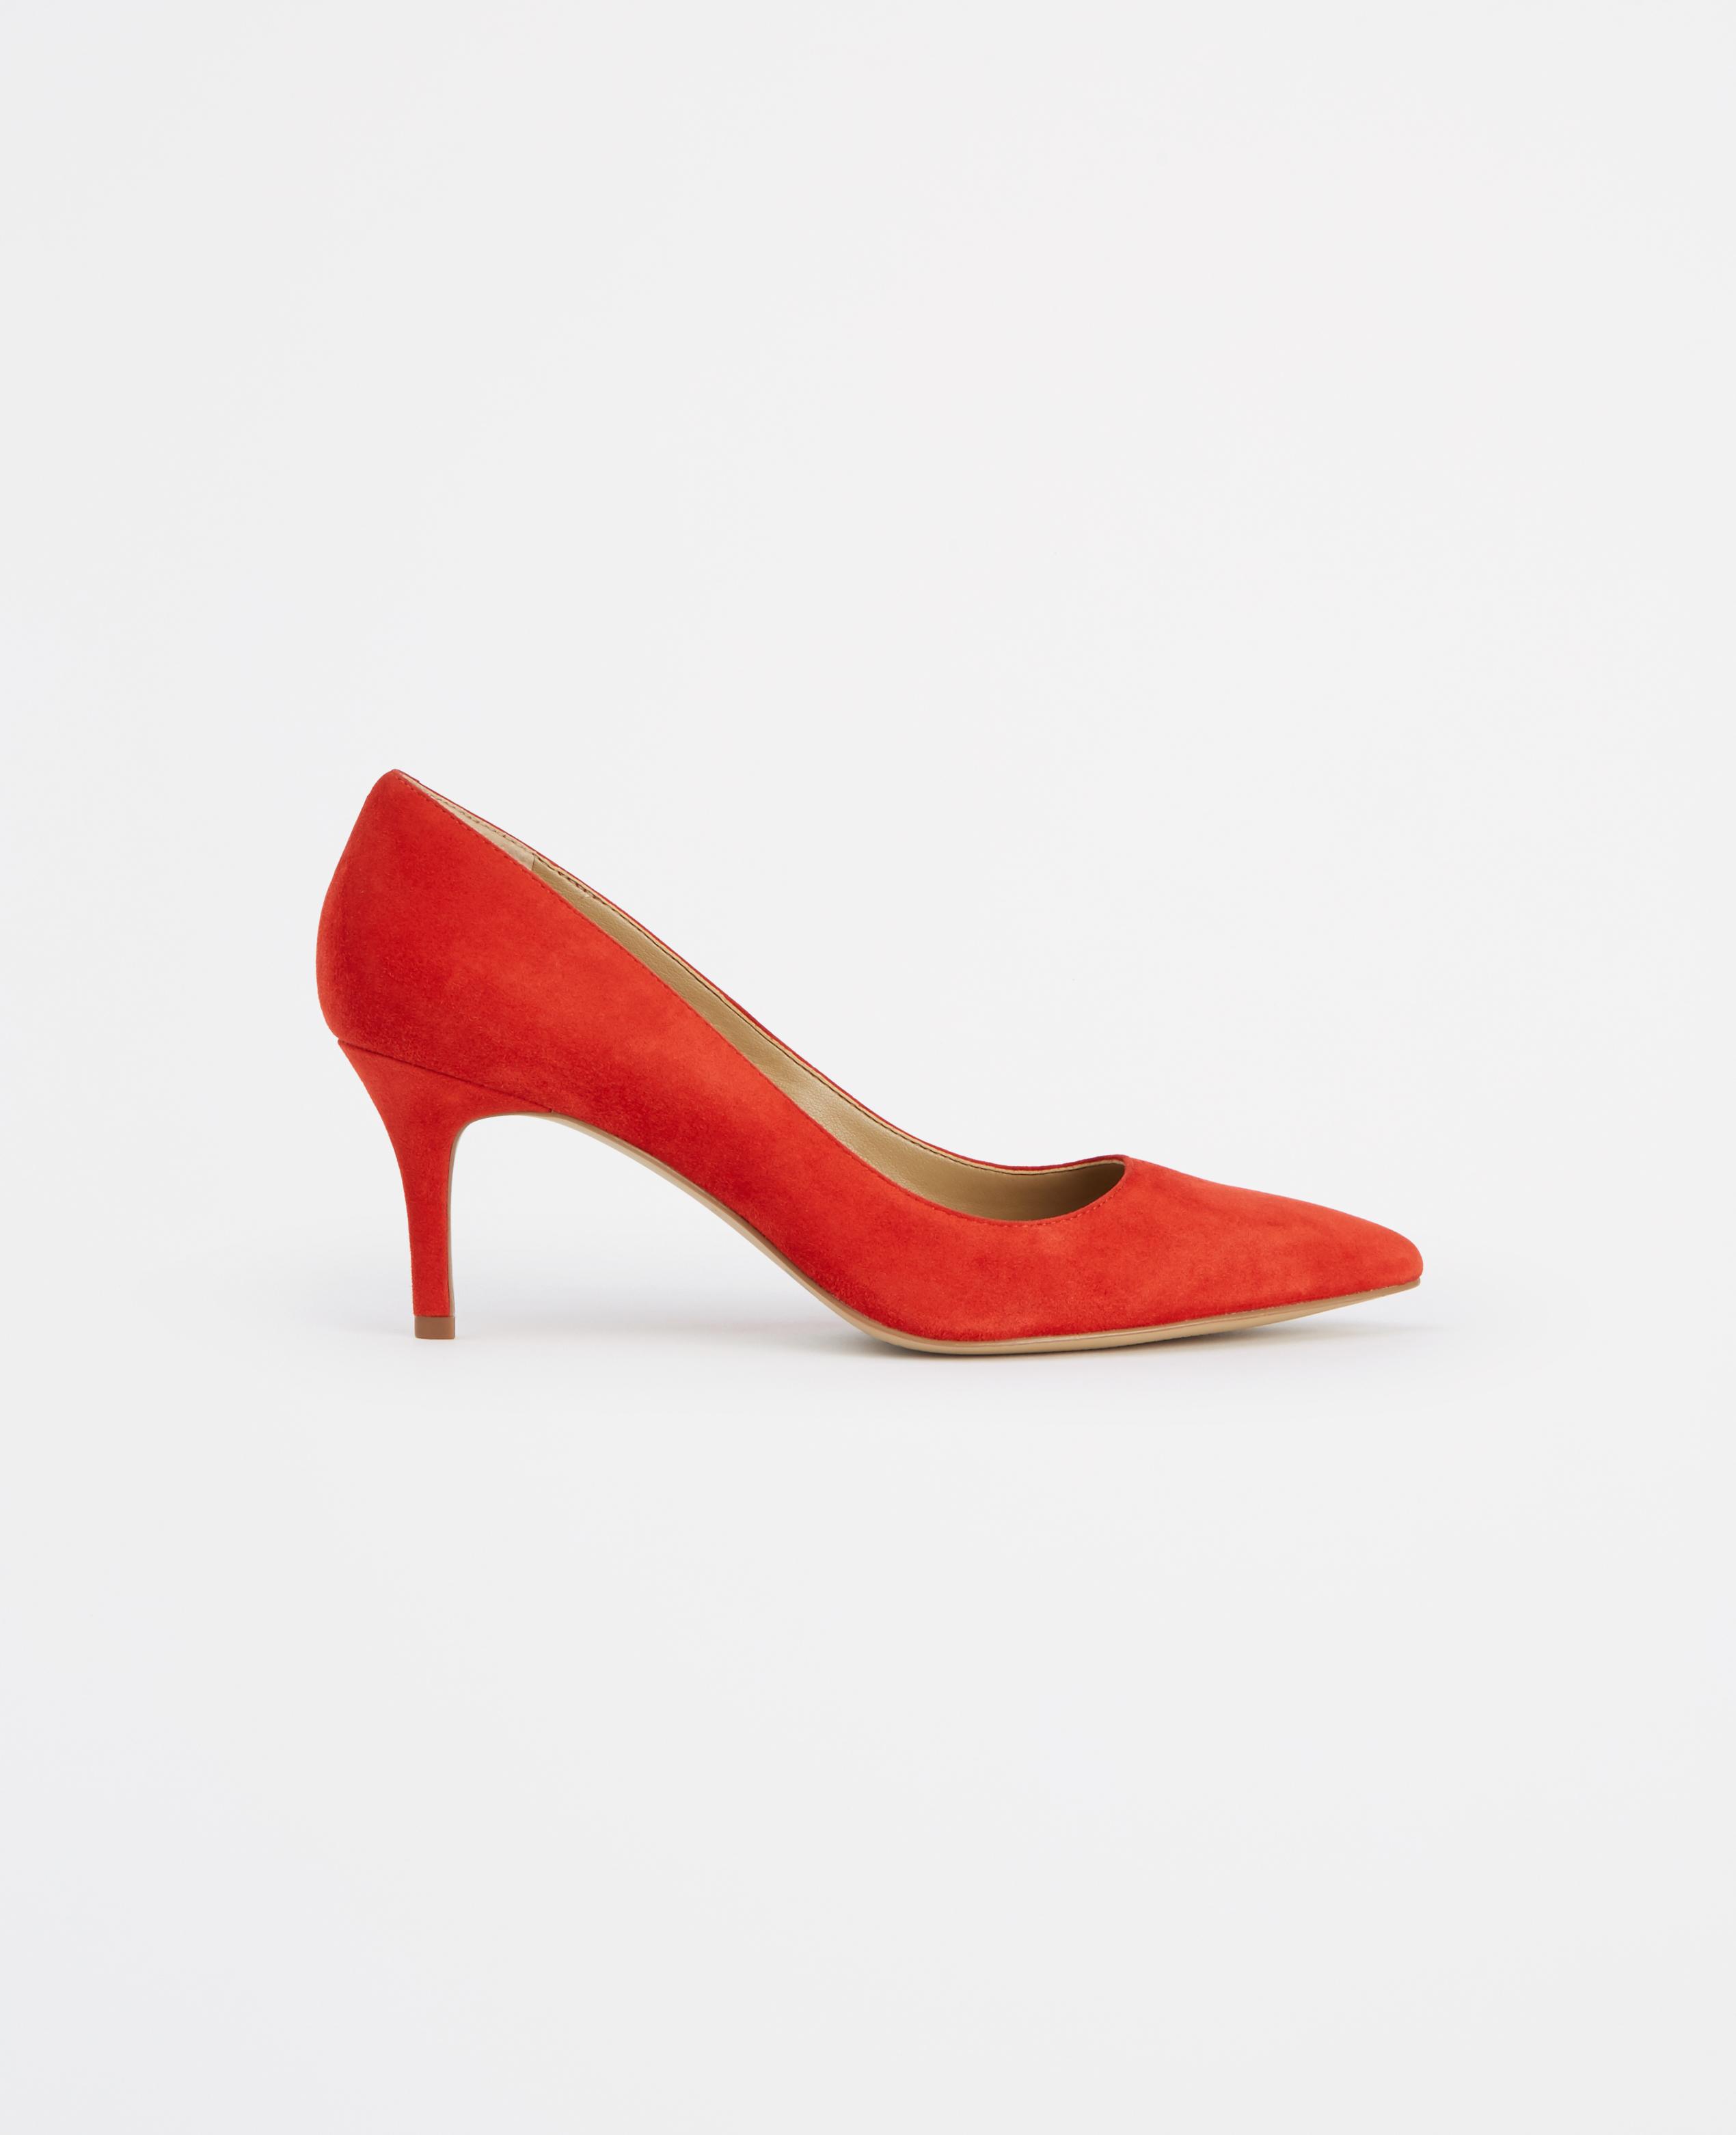 Ann taylor Eryn Suede Kitten Heels in Orange | Lyst